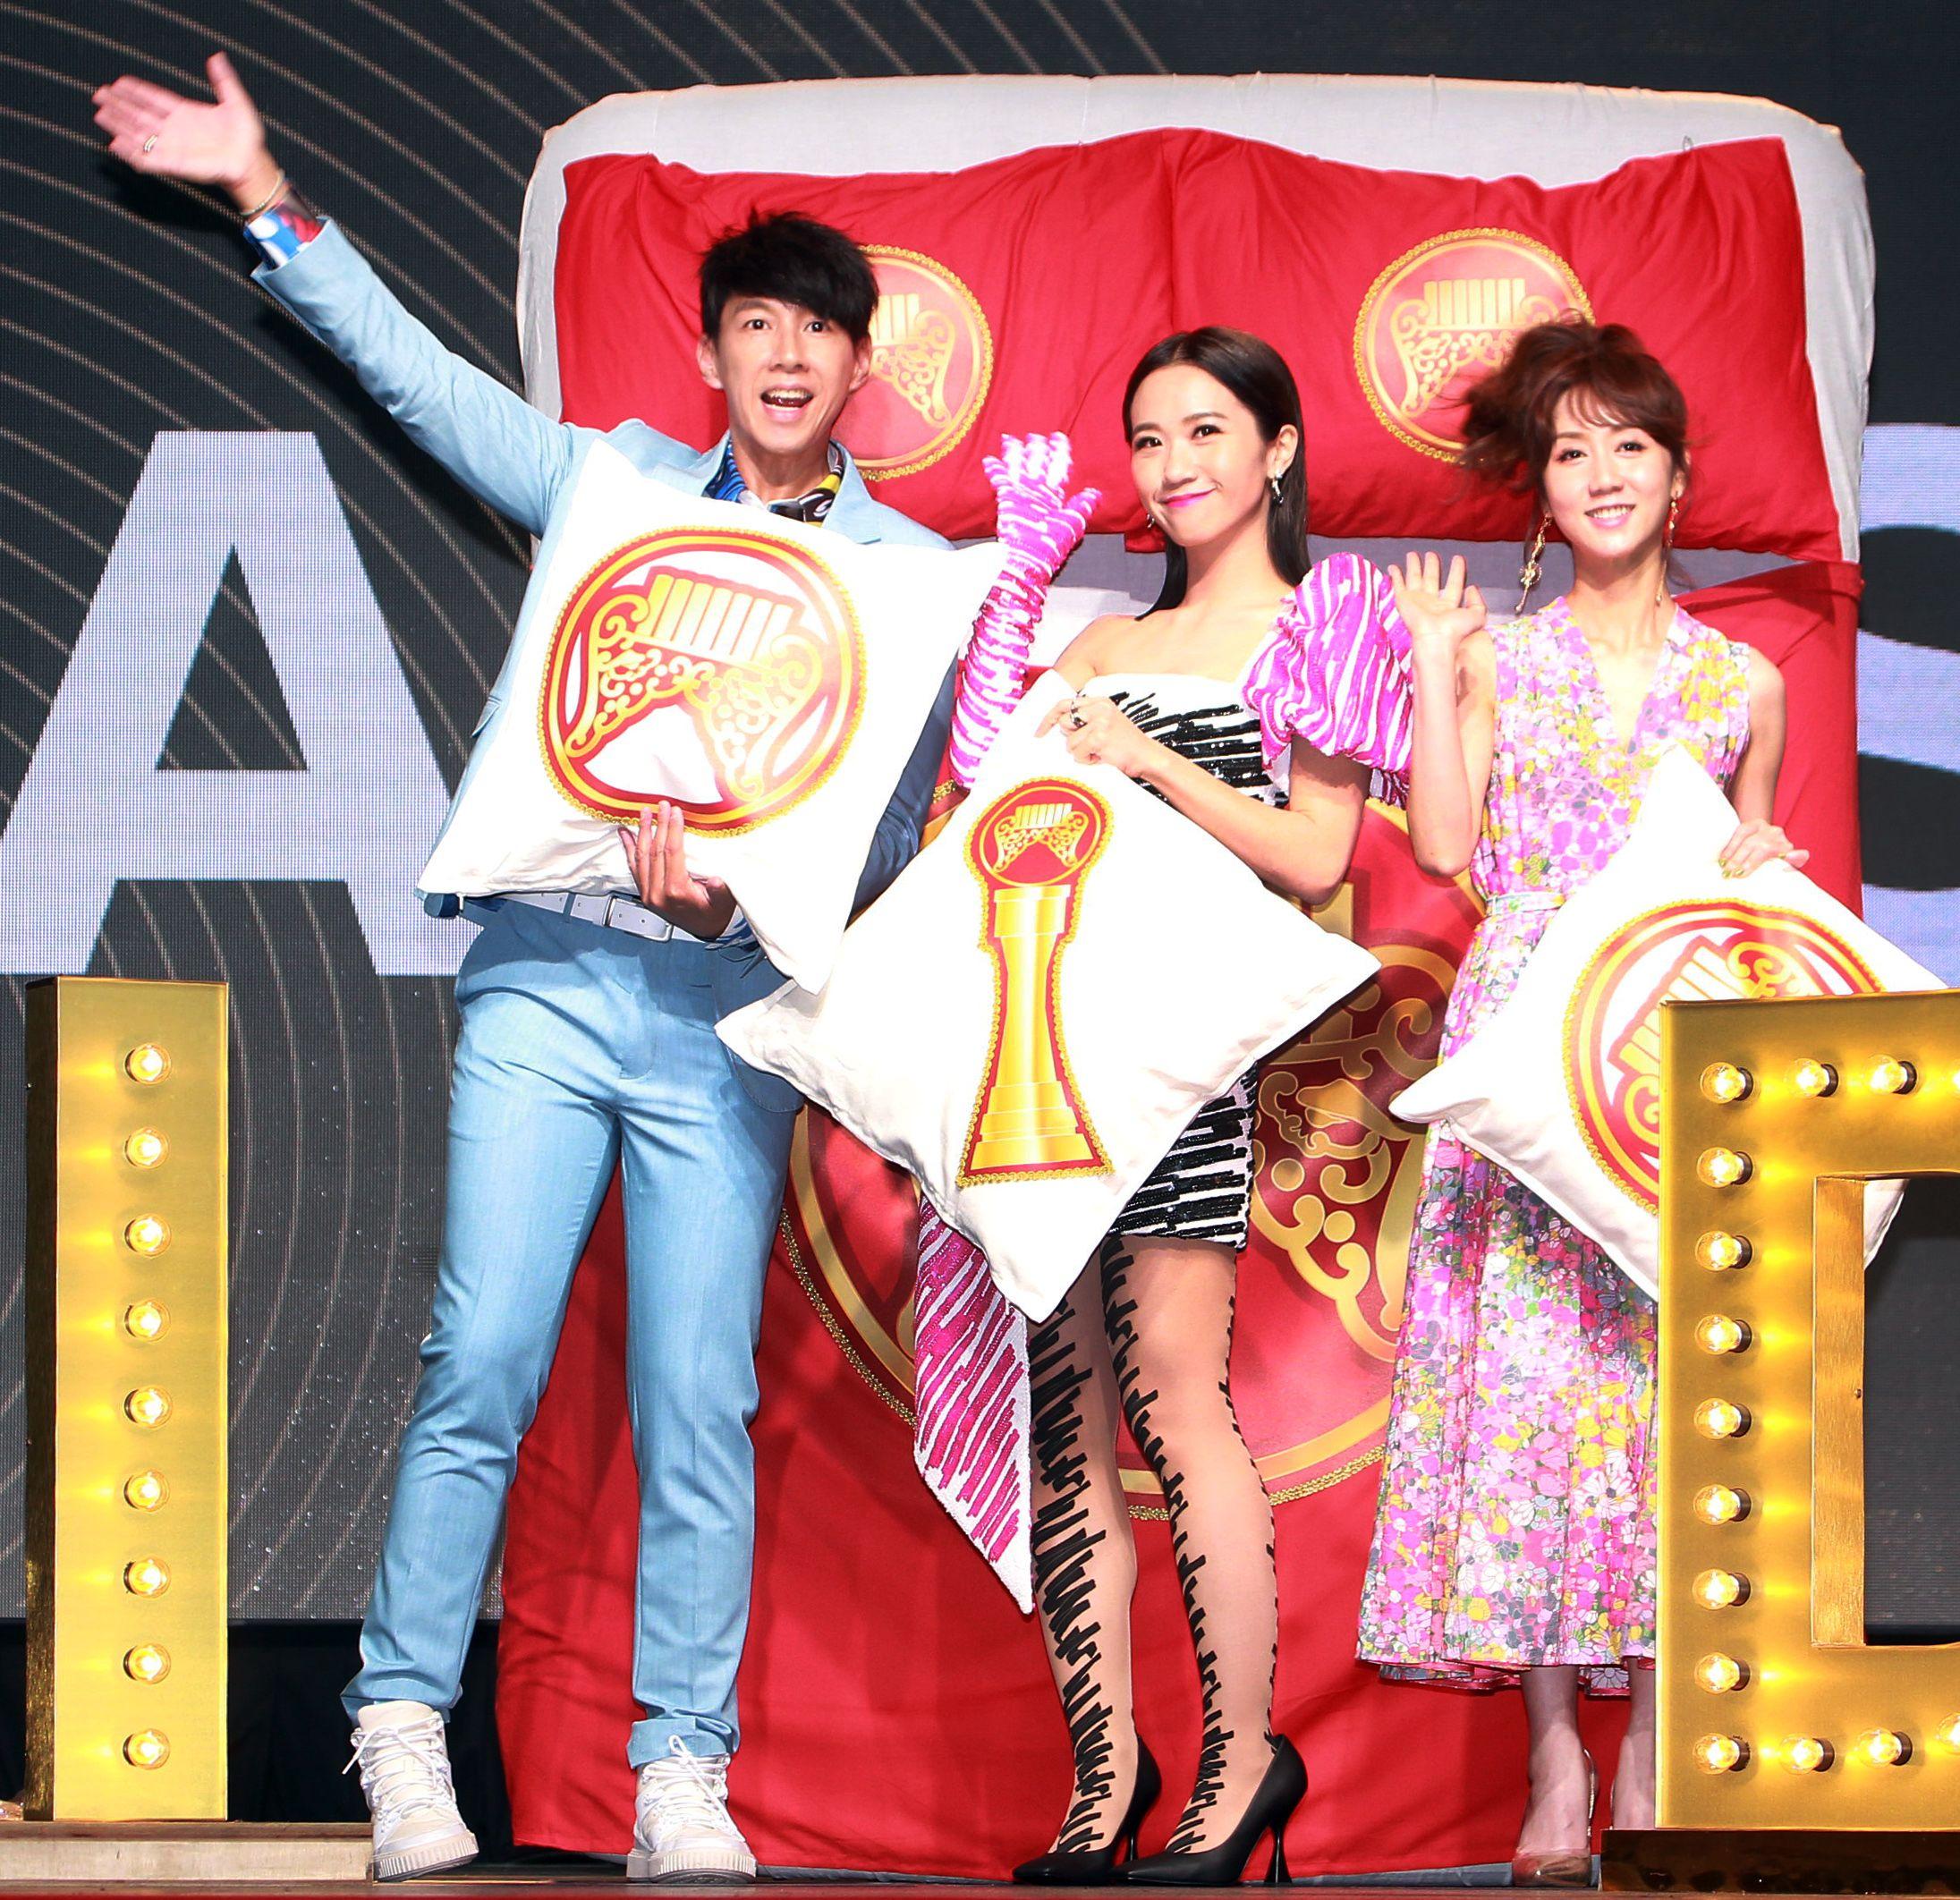 第30屆金曲獎頒獎典禮、星光大道主持人黃路梓(Dennis.Lulu)、(Dennis)尼斯 、 瑪麗。(記者邱榮吉/攝影)